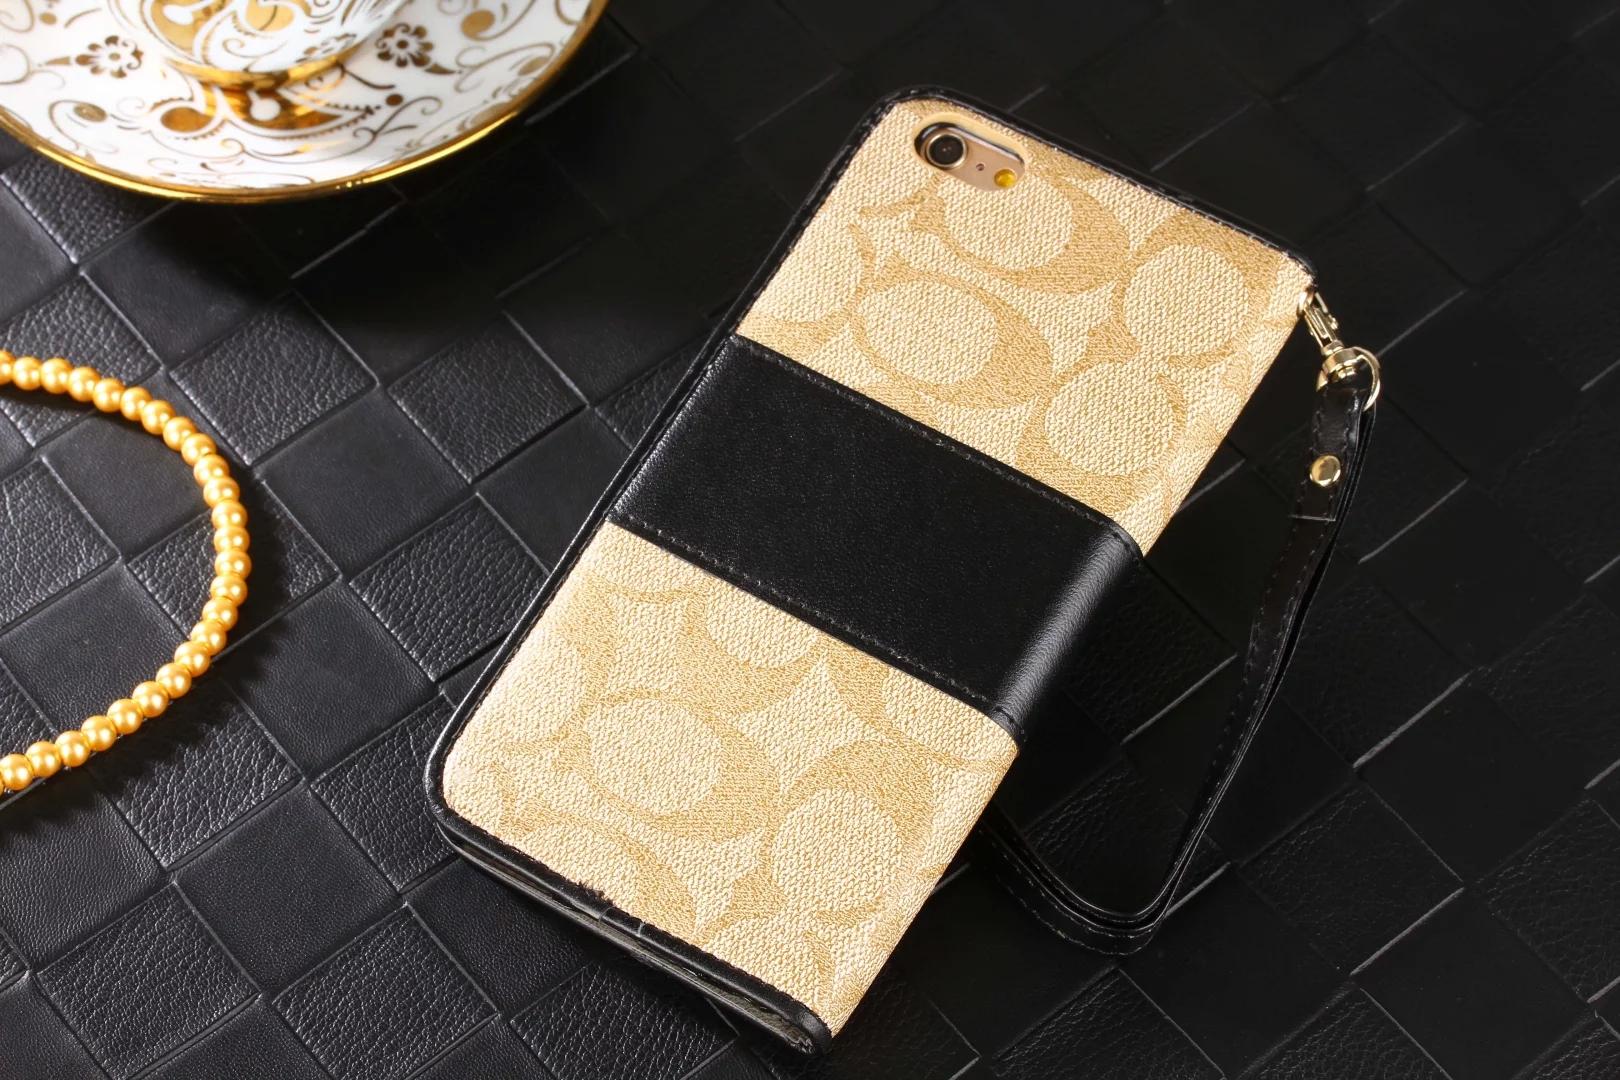 iphone 7 Plus case on 7 Plus best cases iphone 7 Plus fashion iphone7 Plus case designer iphone sleeve designer iphone 7 Plus case wallet iphone best cases phone covers iphone 7 Plus best iphone cases 7 Plus case brand